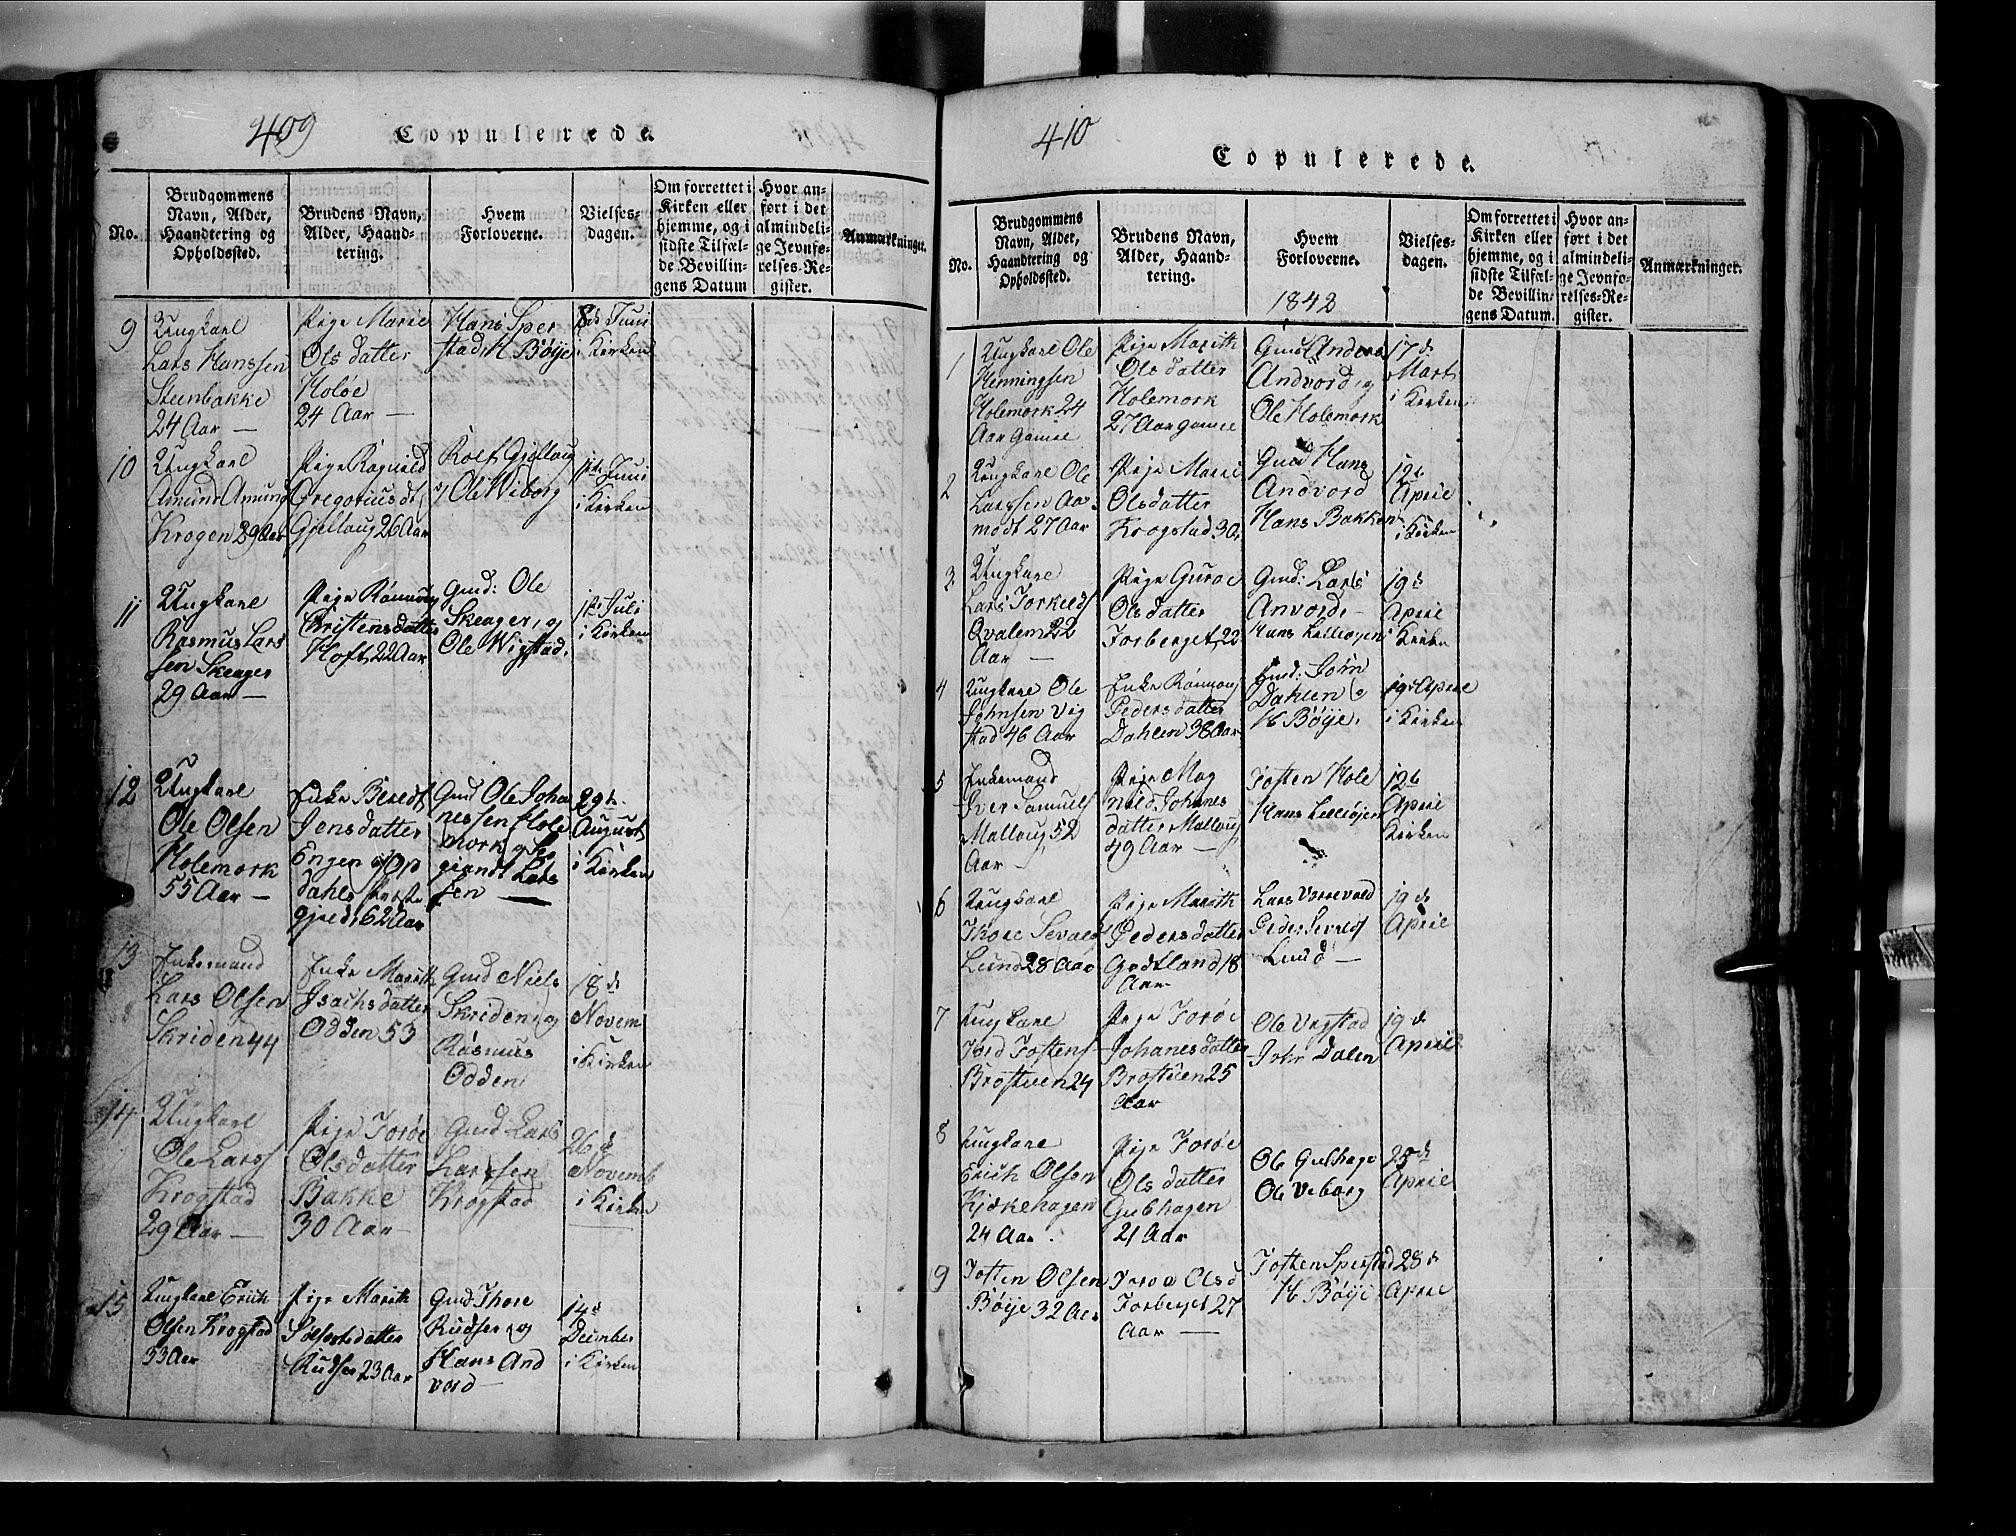 SAH, Lom prestekontor, L/L0003: Klokkerbok nr. 3, 1815-1844, s. 409-410